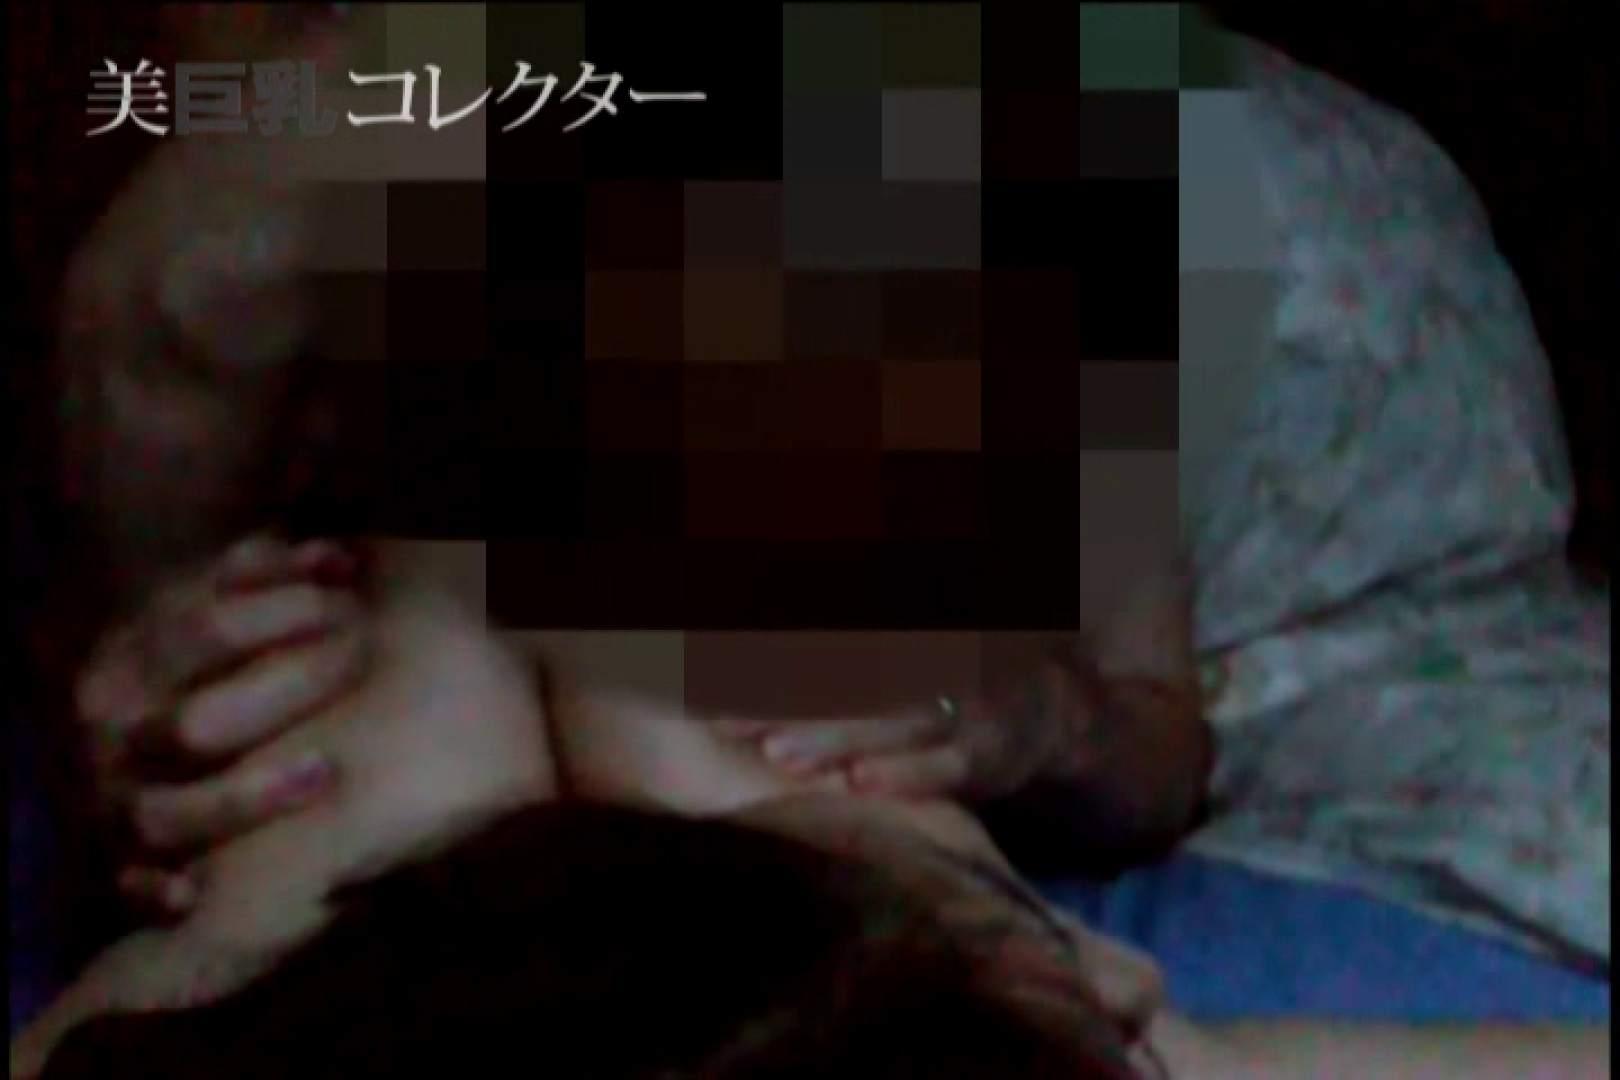 泥酔Hカップ爆乳ギャル3 SEX  58pic 20